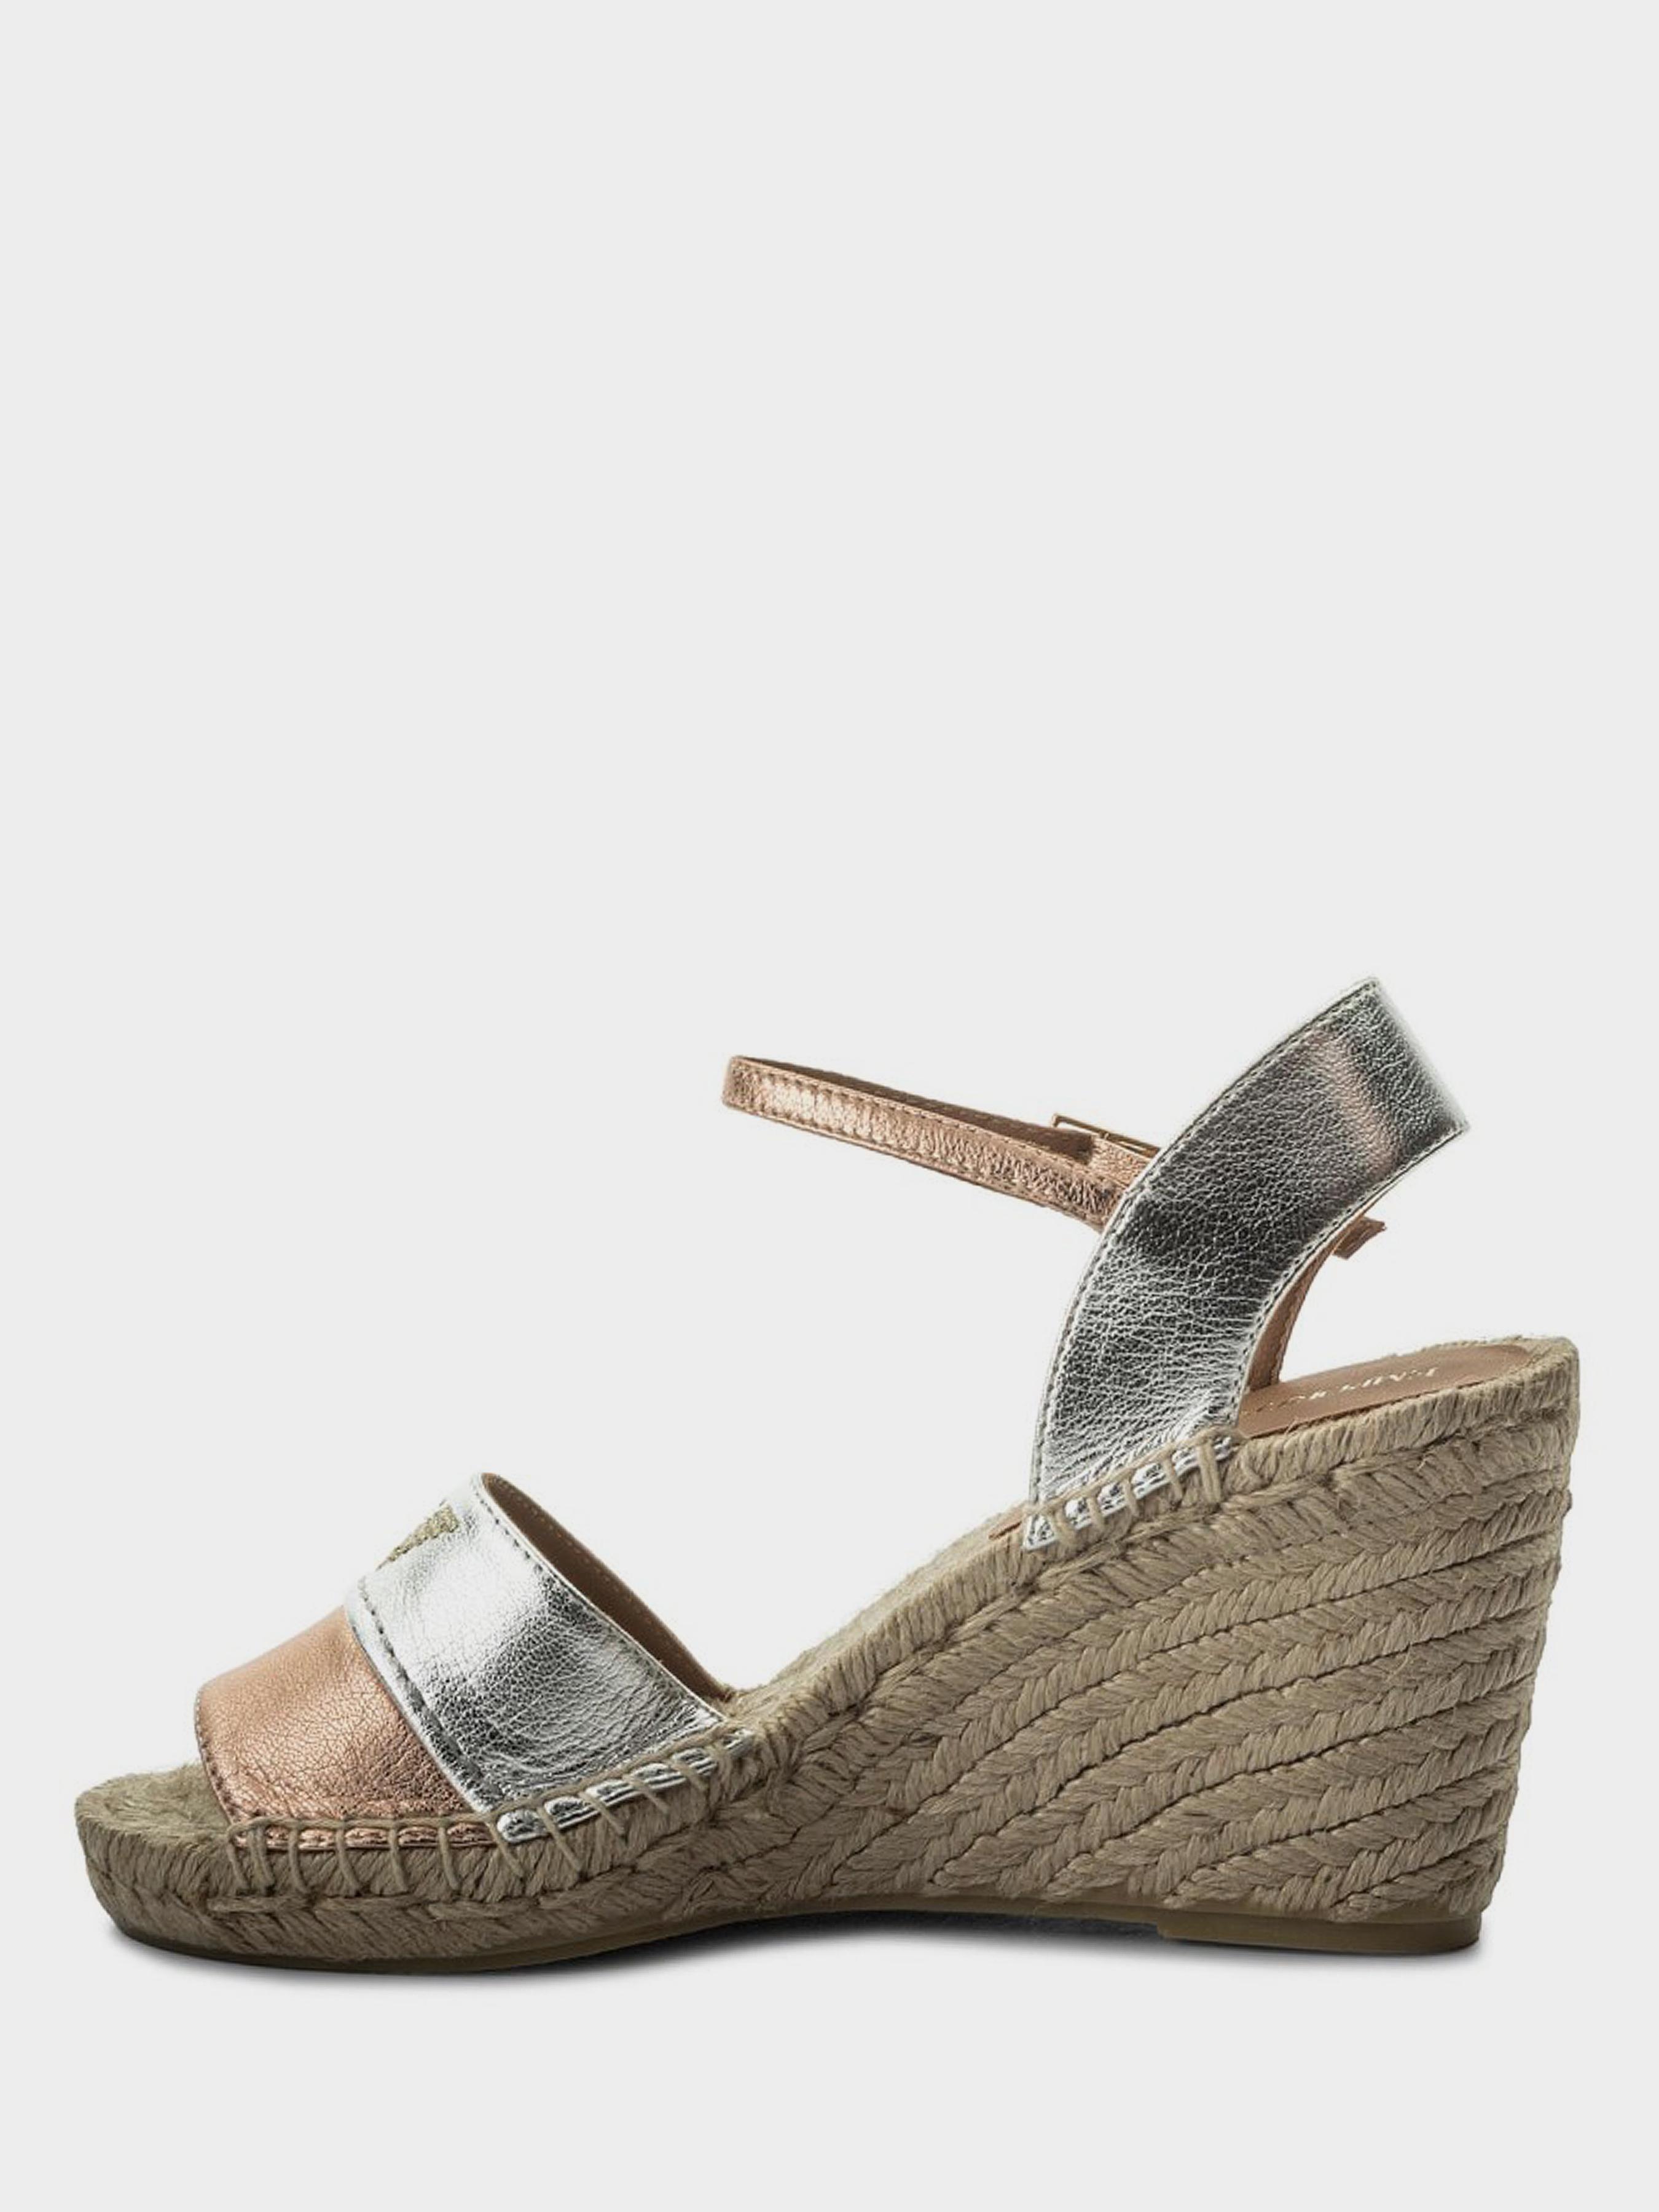 Босоножки для женщин Emporio Armani WOMAN SANDAL 5R29 модная обувь, 2017